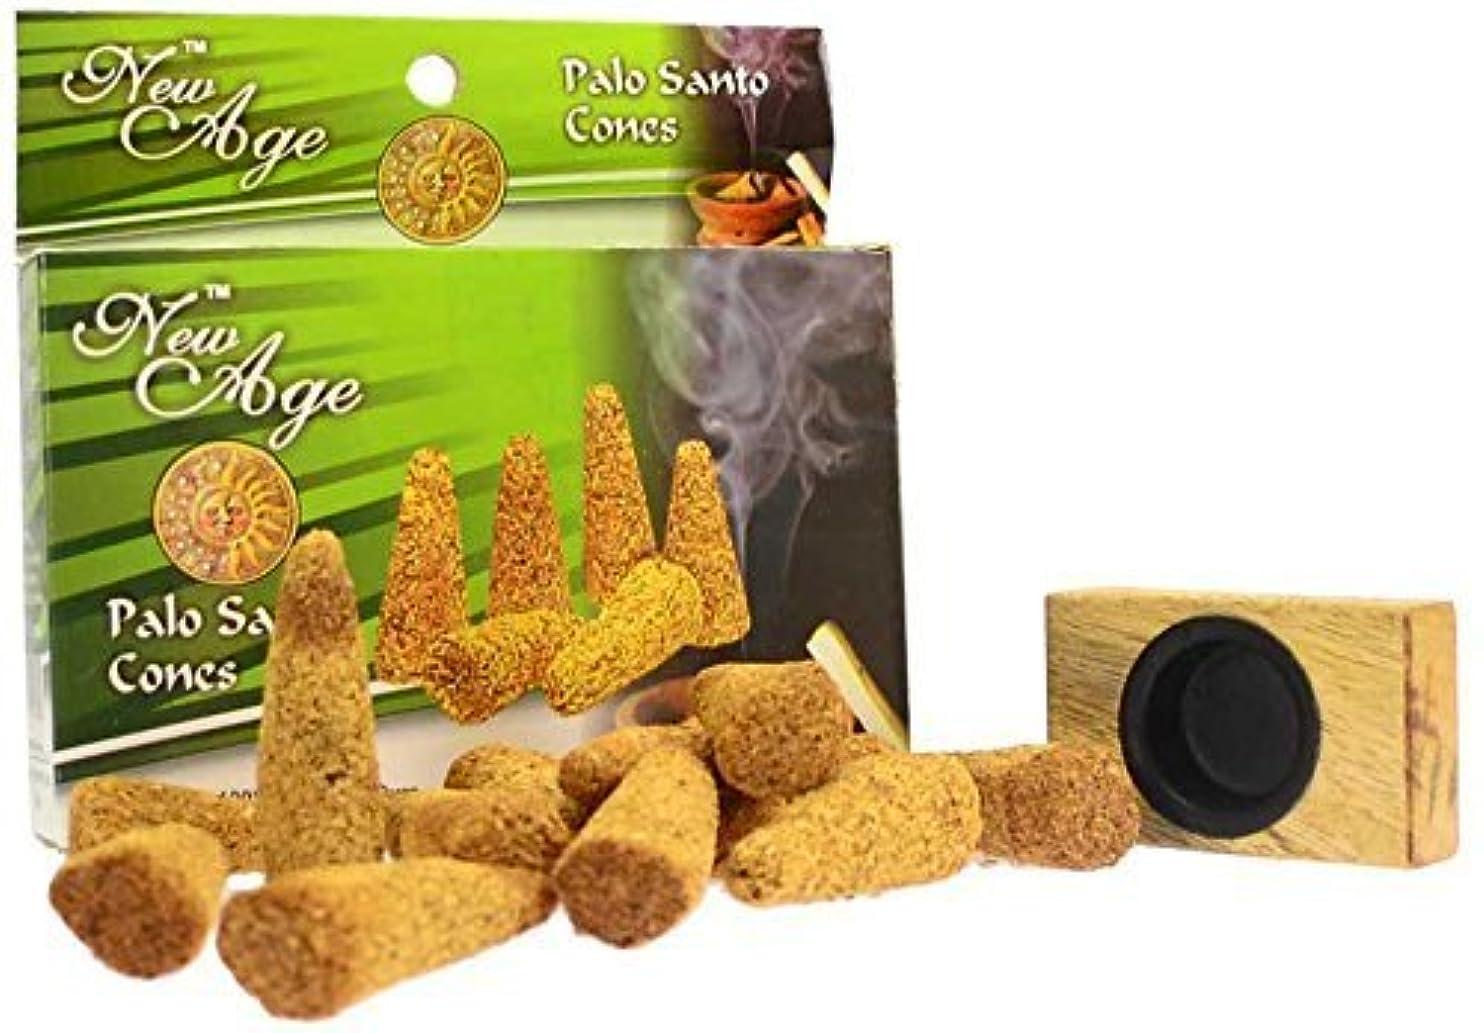 化学者悲観主義者バラ色New Age Imports Palo Santo Cones with burner, 12 cones